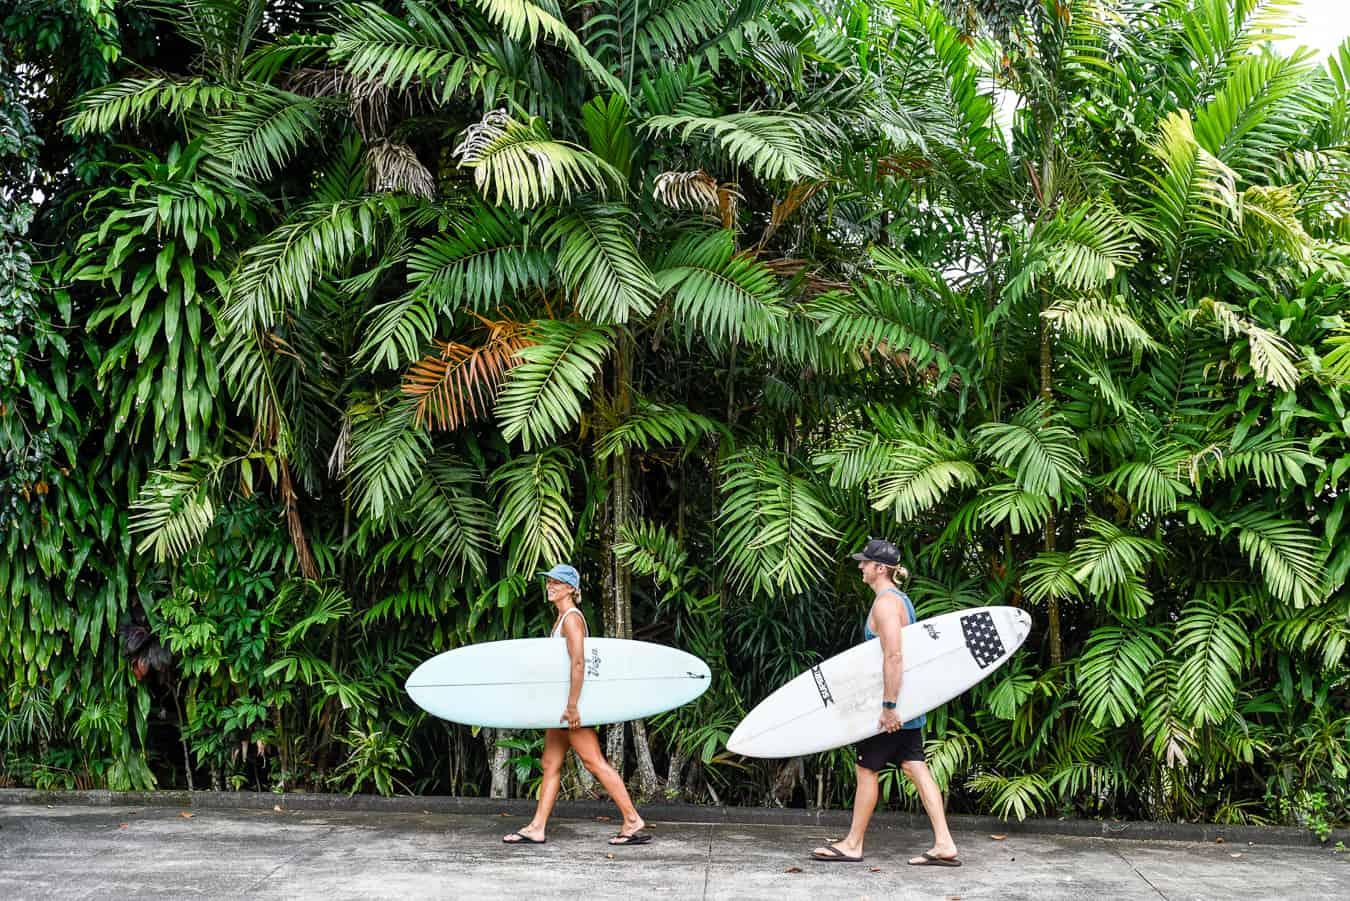 samoa surf trip lush palm